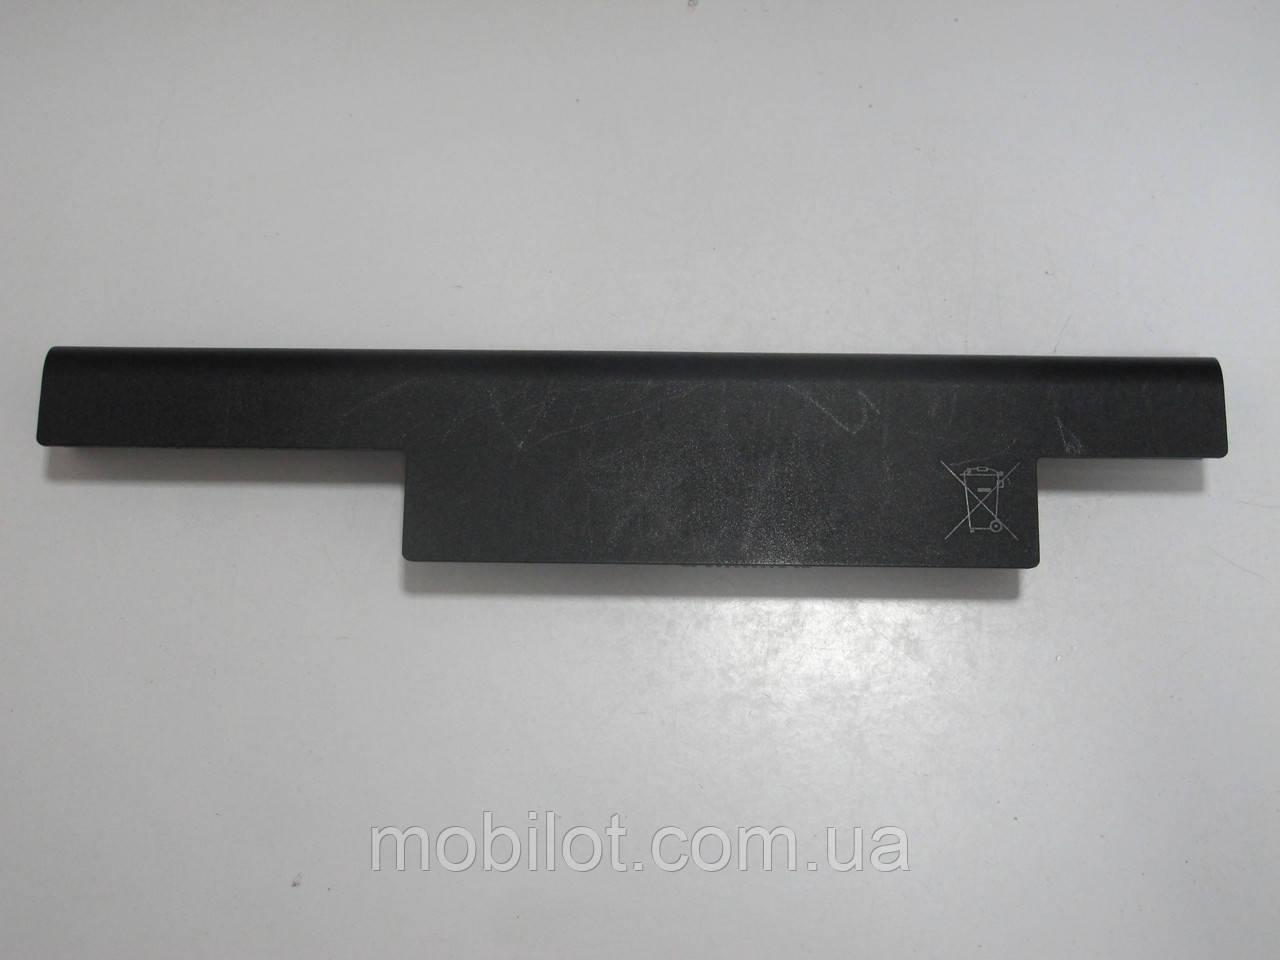 Аккумуляторная батарея Acer AS10D41 (NZ-5035)